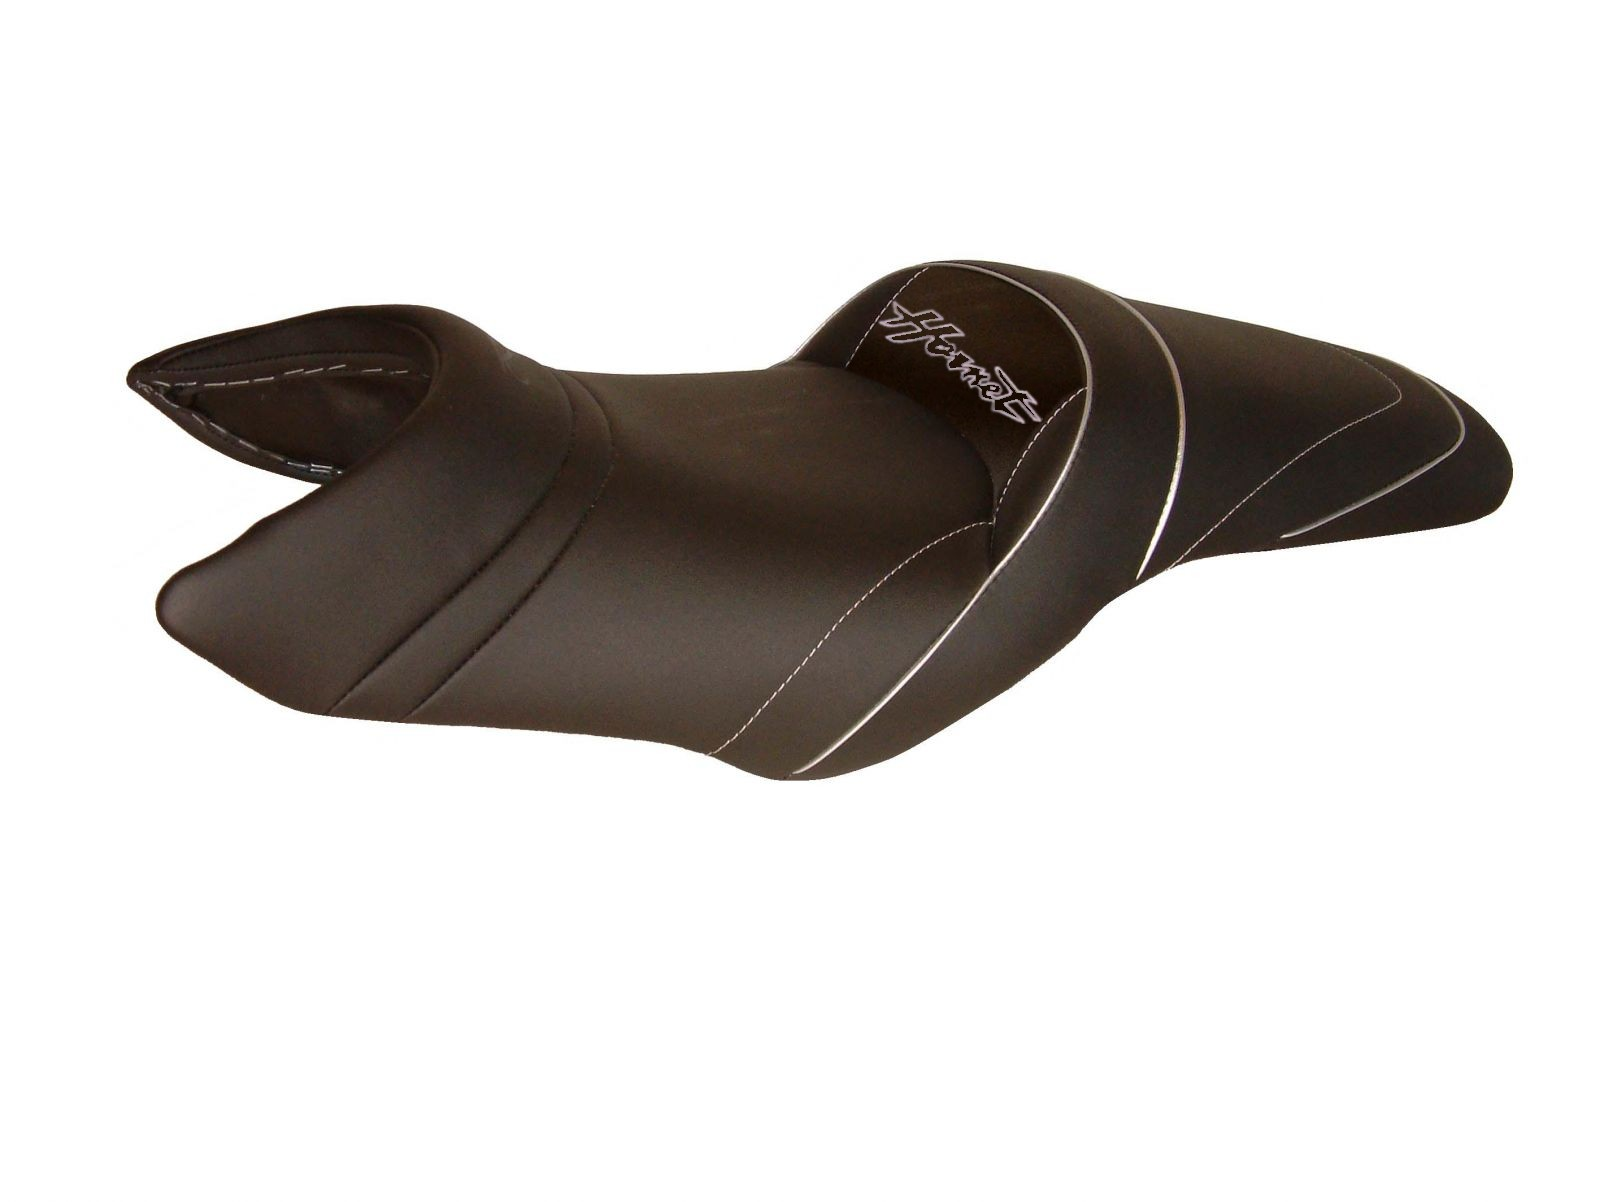 komfort sitzbank sgc2201 honda hornet cb 900 s f. Black Bedroom Furniture Sets. Home Design Ideas